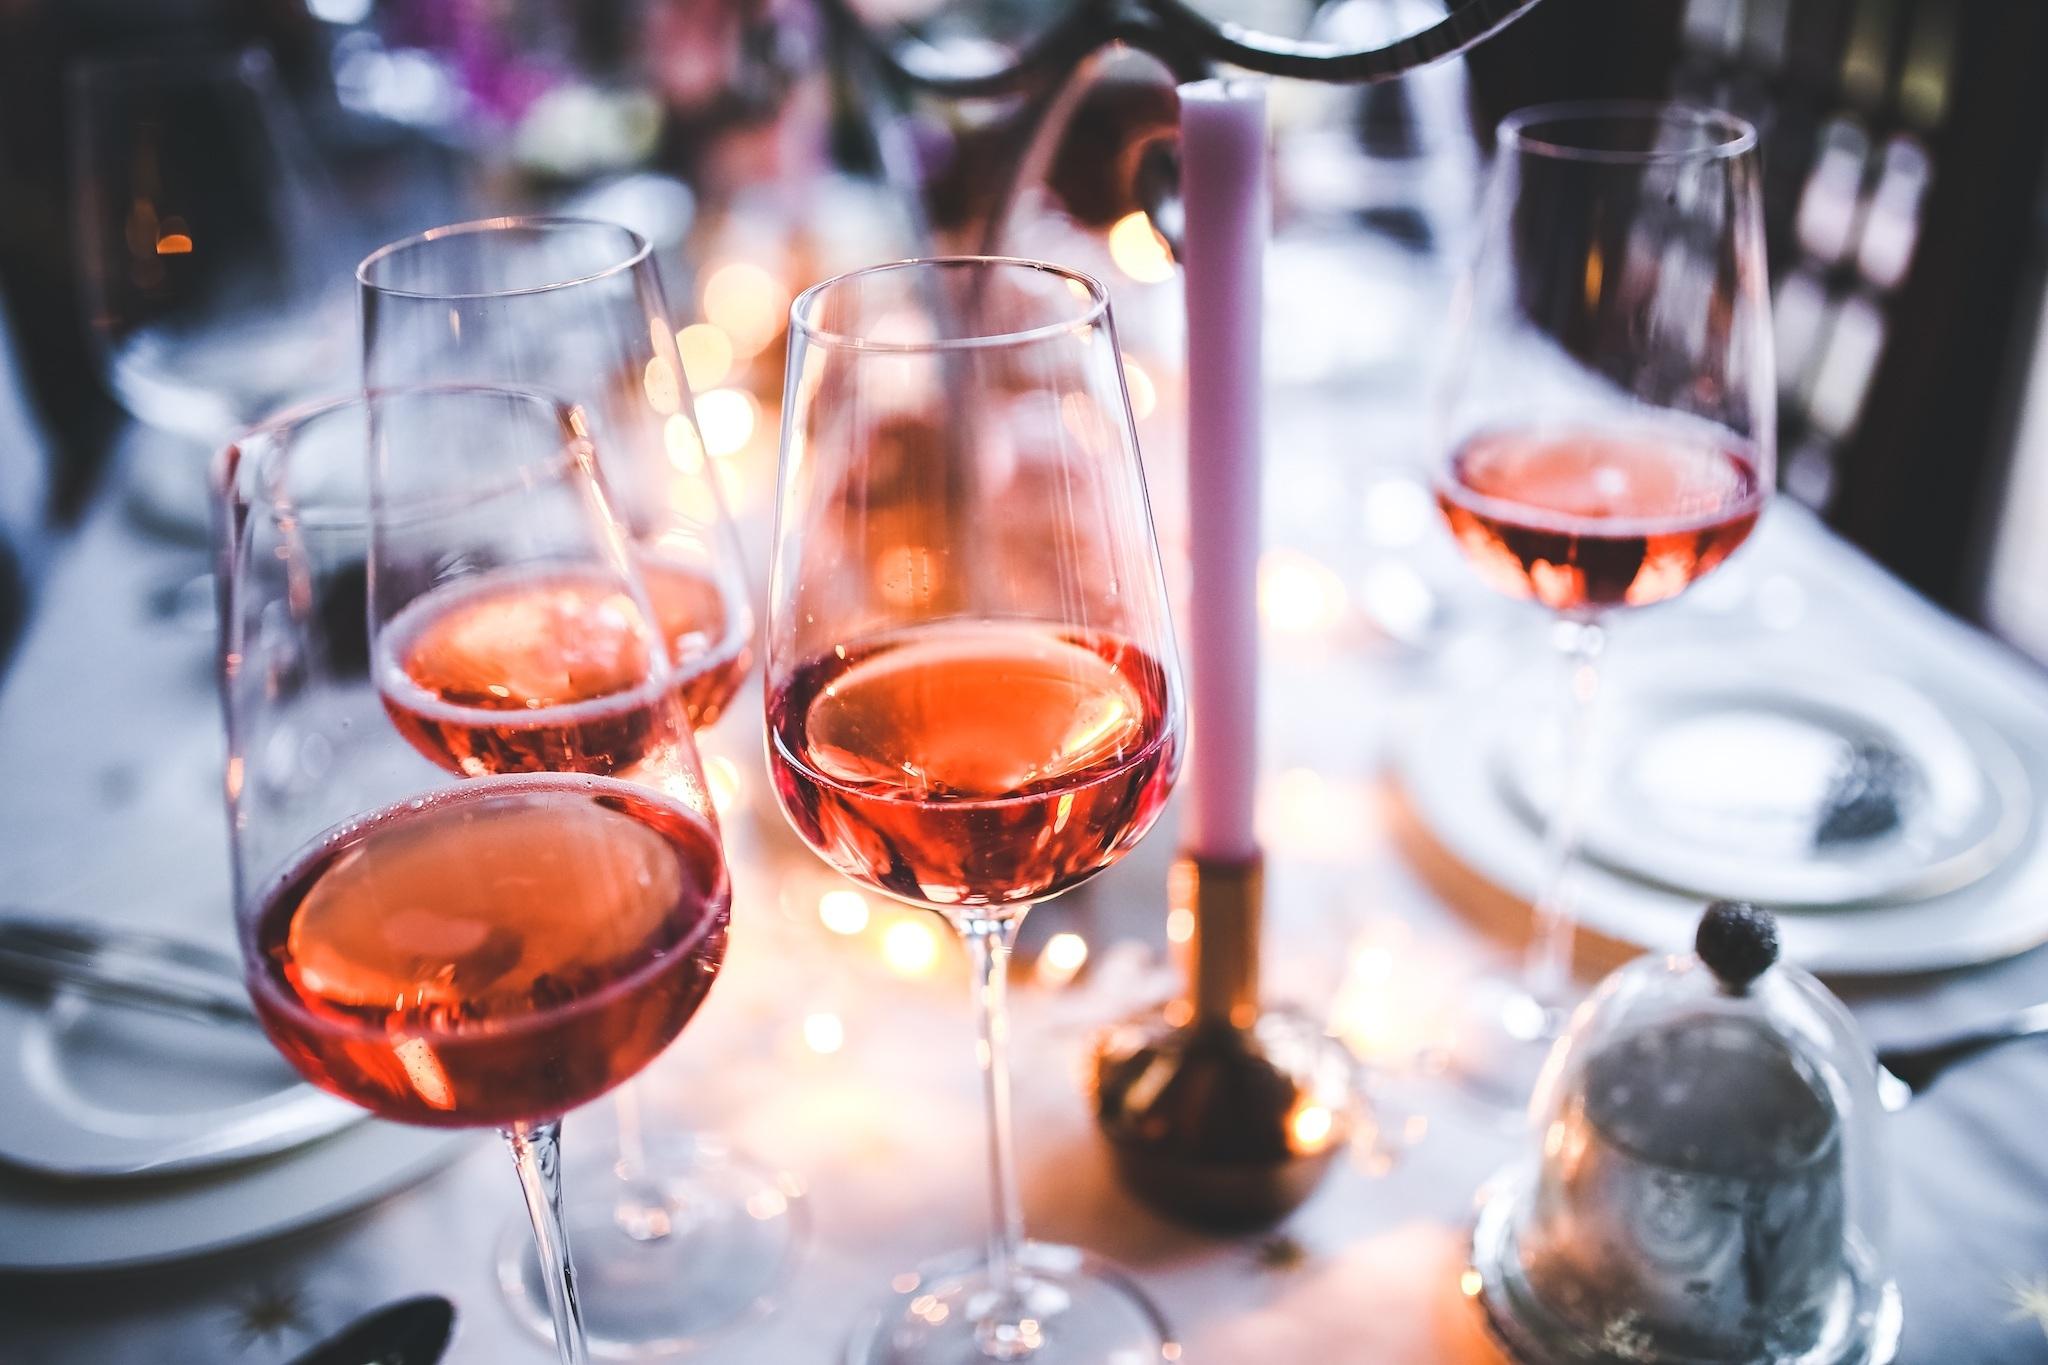 Philly Wine Week